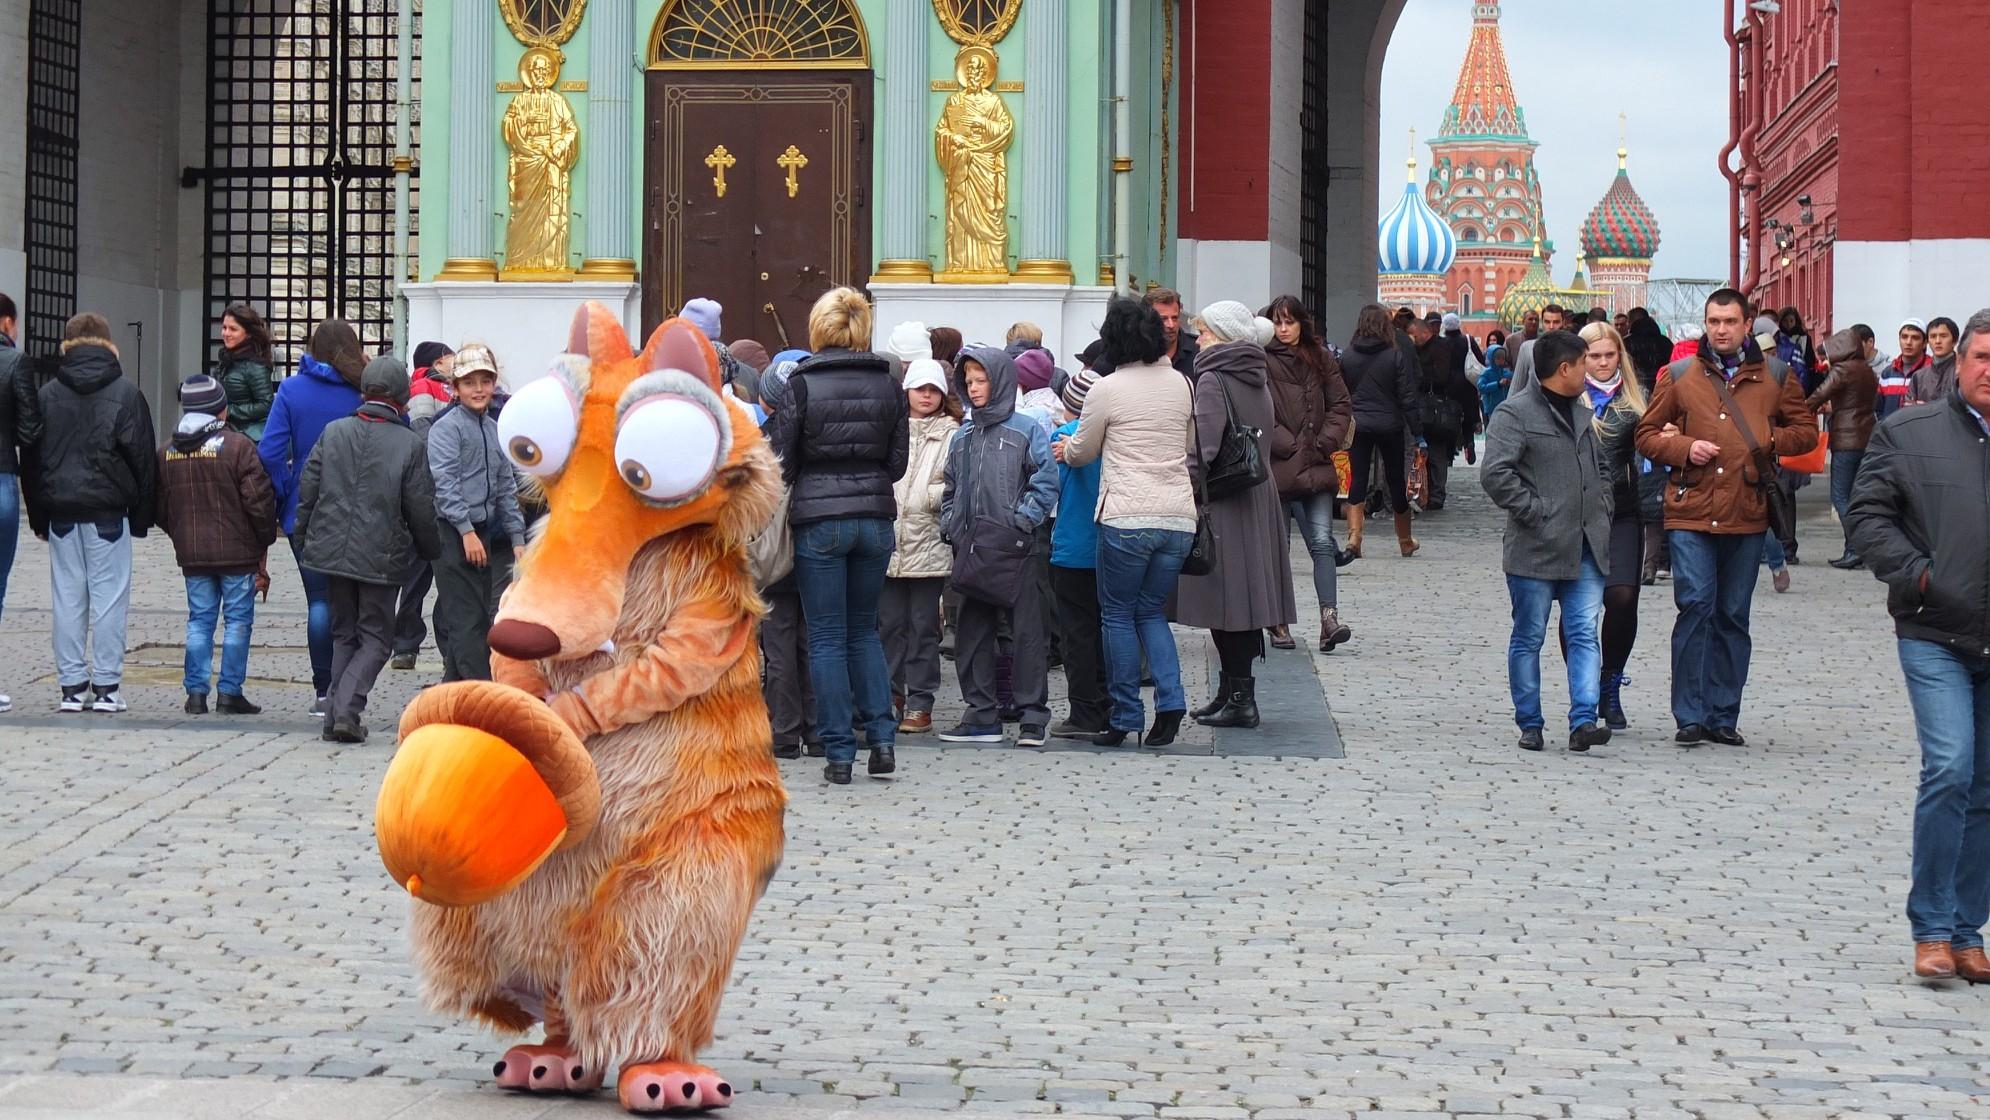 Moskau, staatliches historisches Museum, Dominik Sommerer, Dominiks Welt